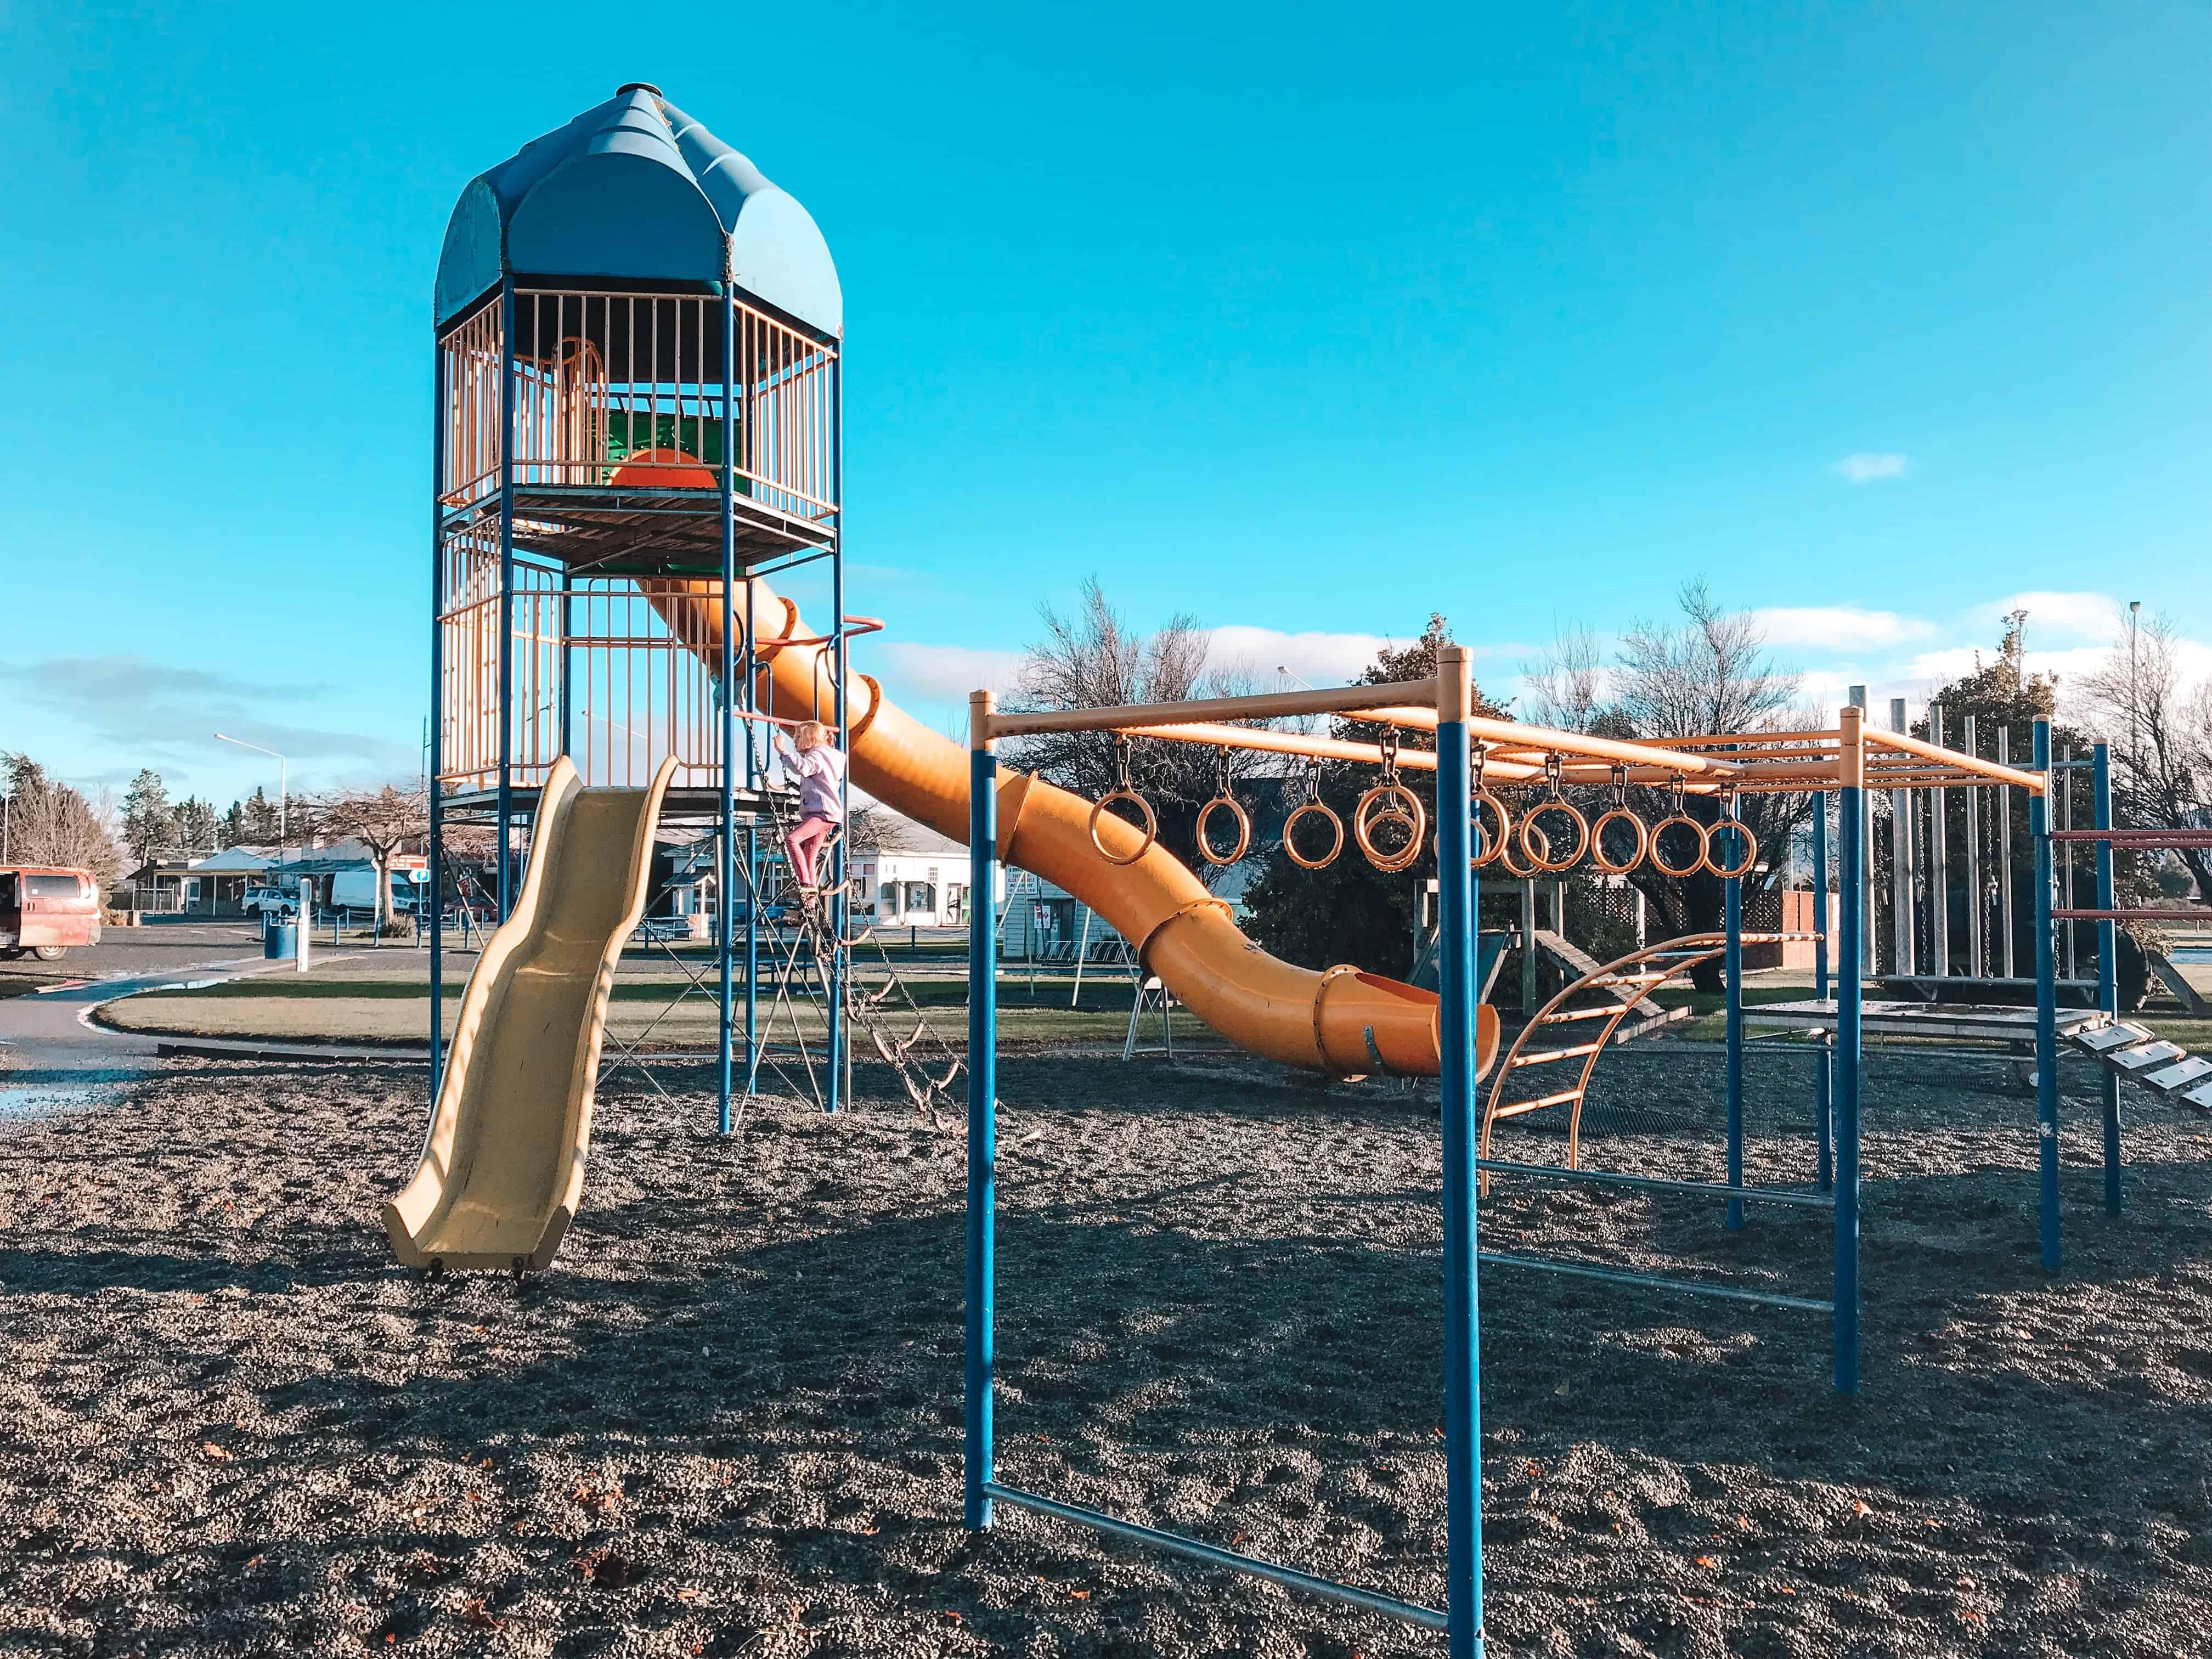 Lumsden Information Centre Playground Freedom Campsite